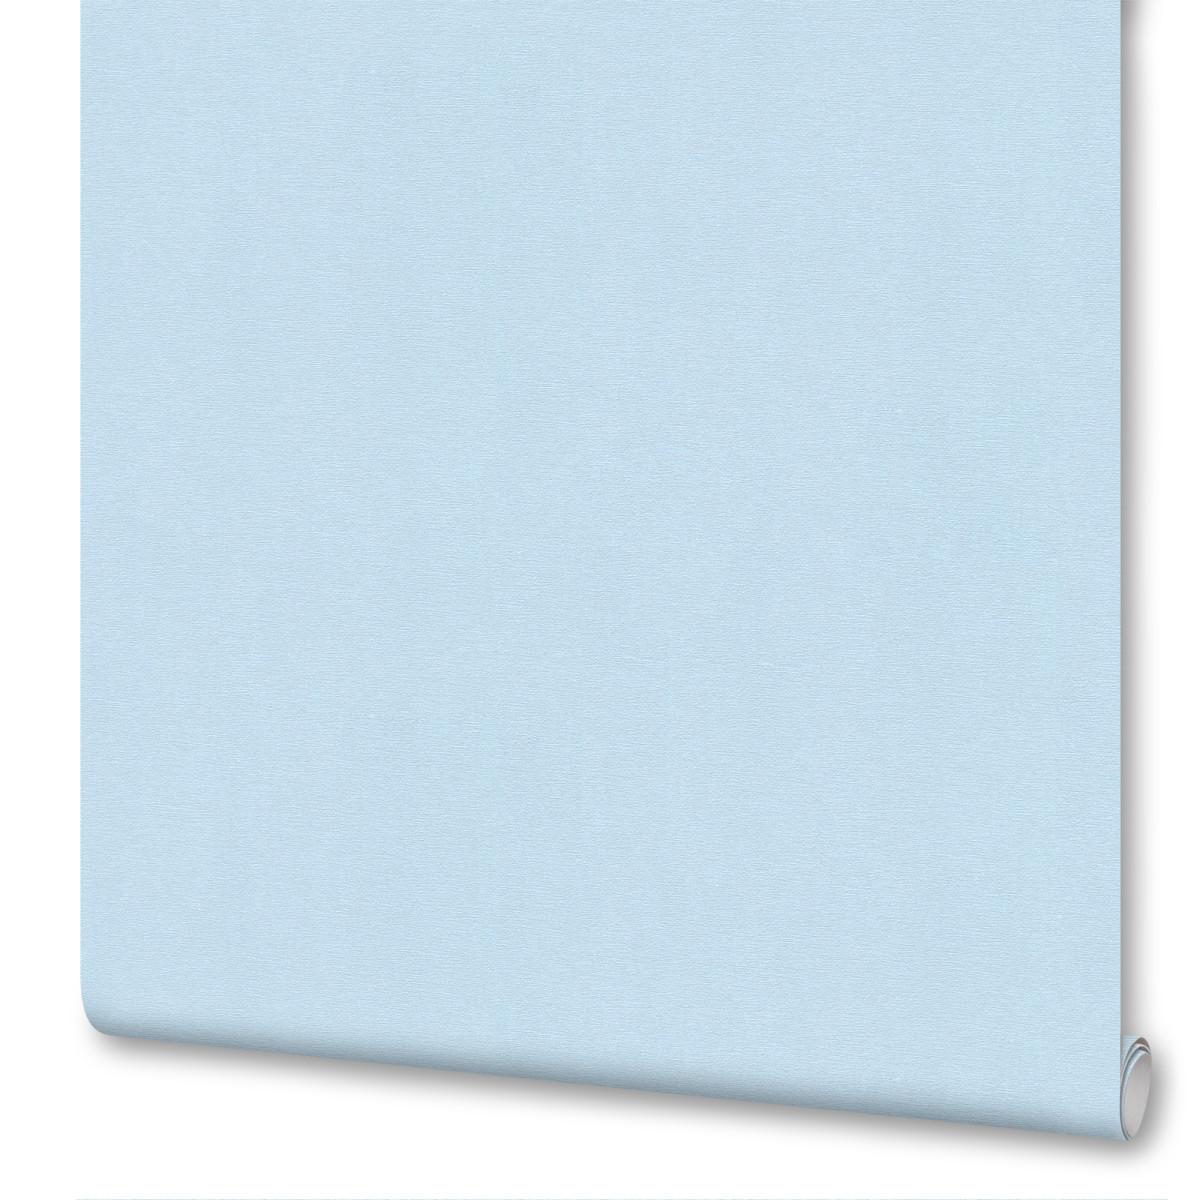 Обои флизелиновые A.S. Creation Life 4 синие 0.53 м 356451